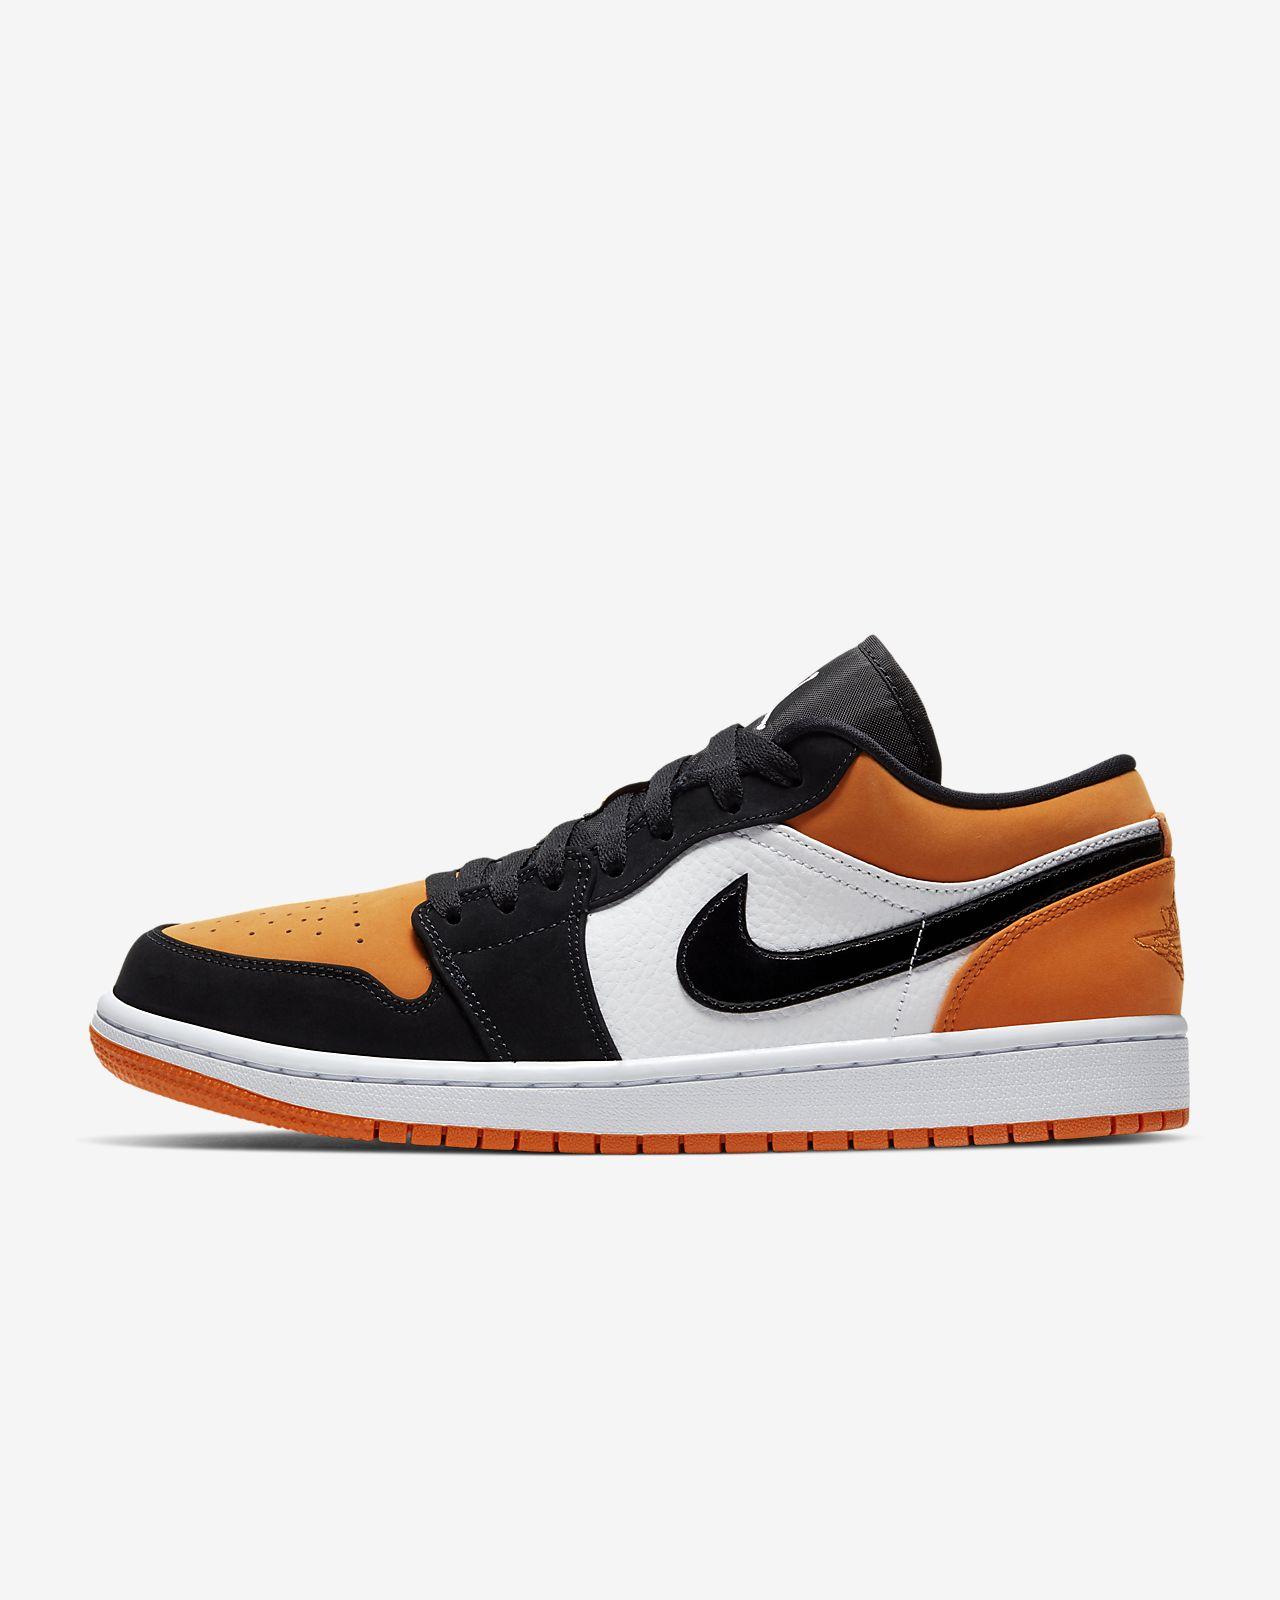 new arrival 921c3 359d5 Air Jordan 1 Low Men's Shoe